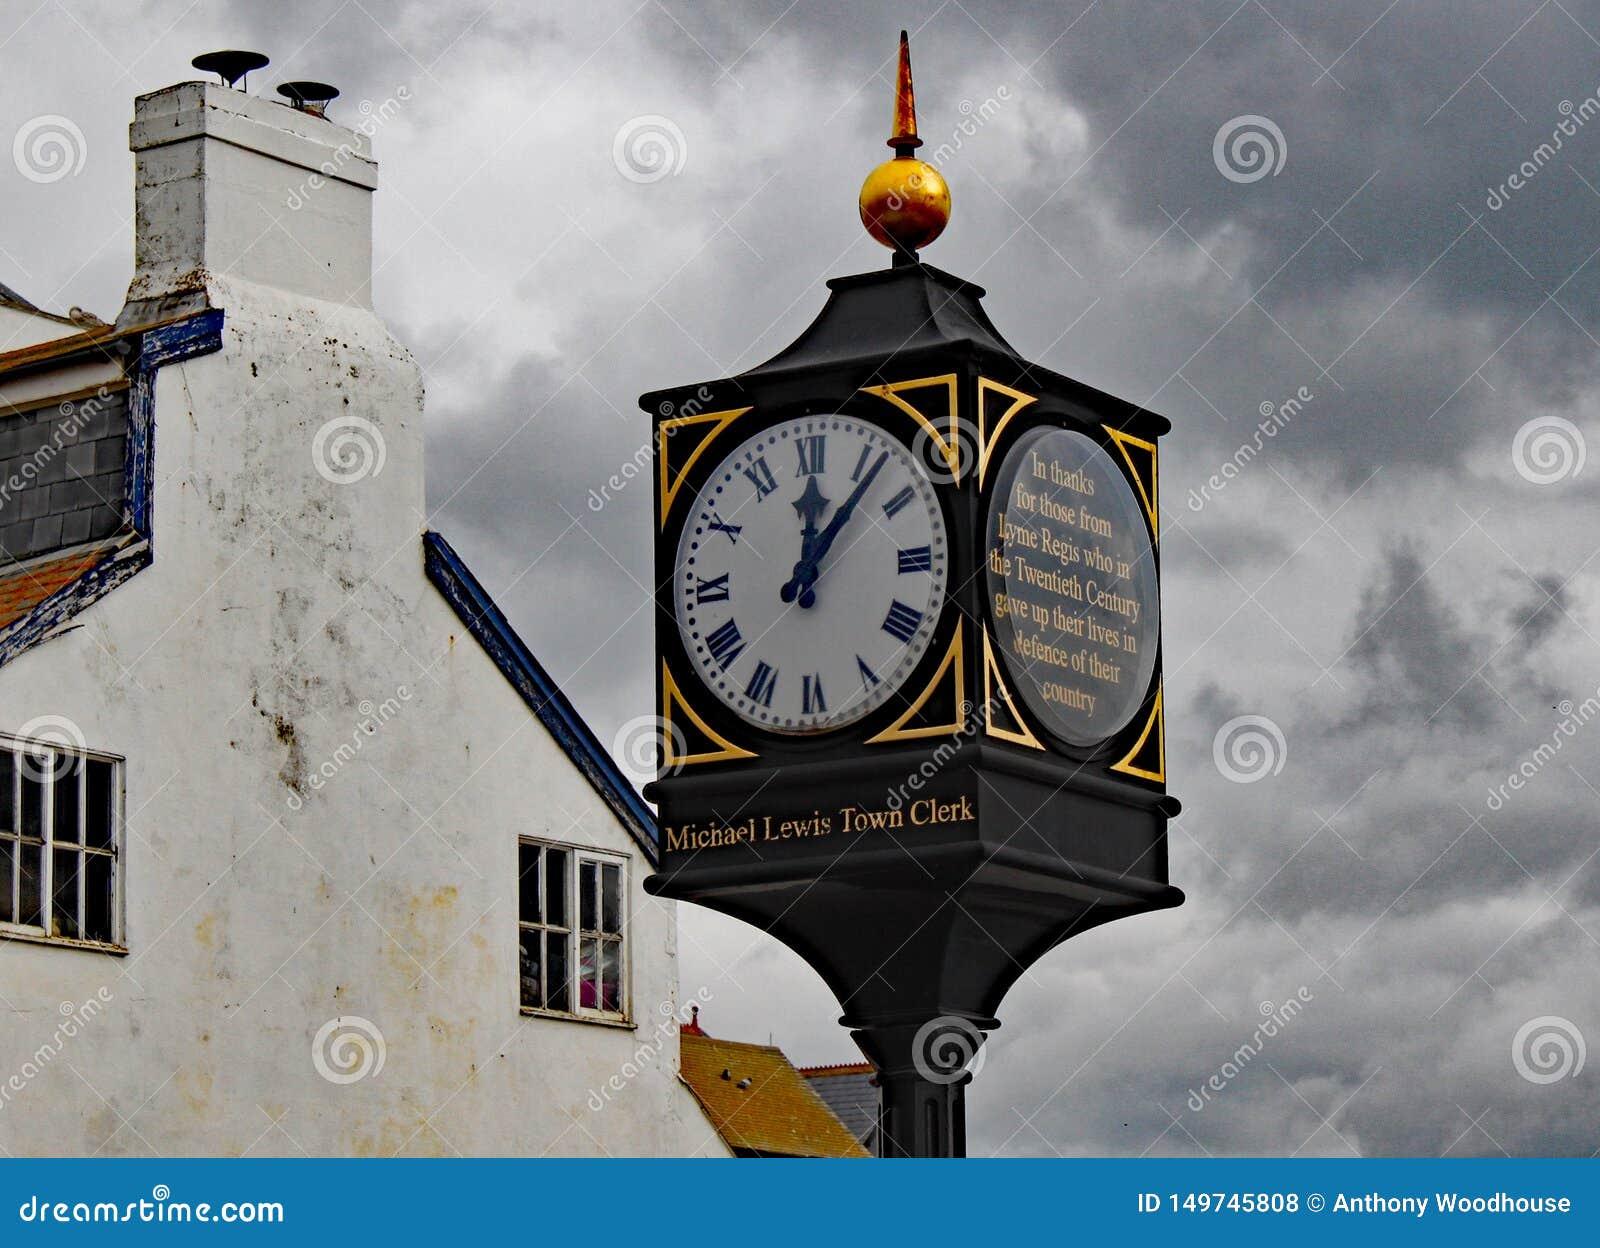 De klok dichtbij de overzeese voorzijde in Lyme REGIS die hen herinneren die hun leven ter verdediging van hun land gaven